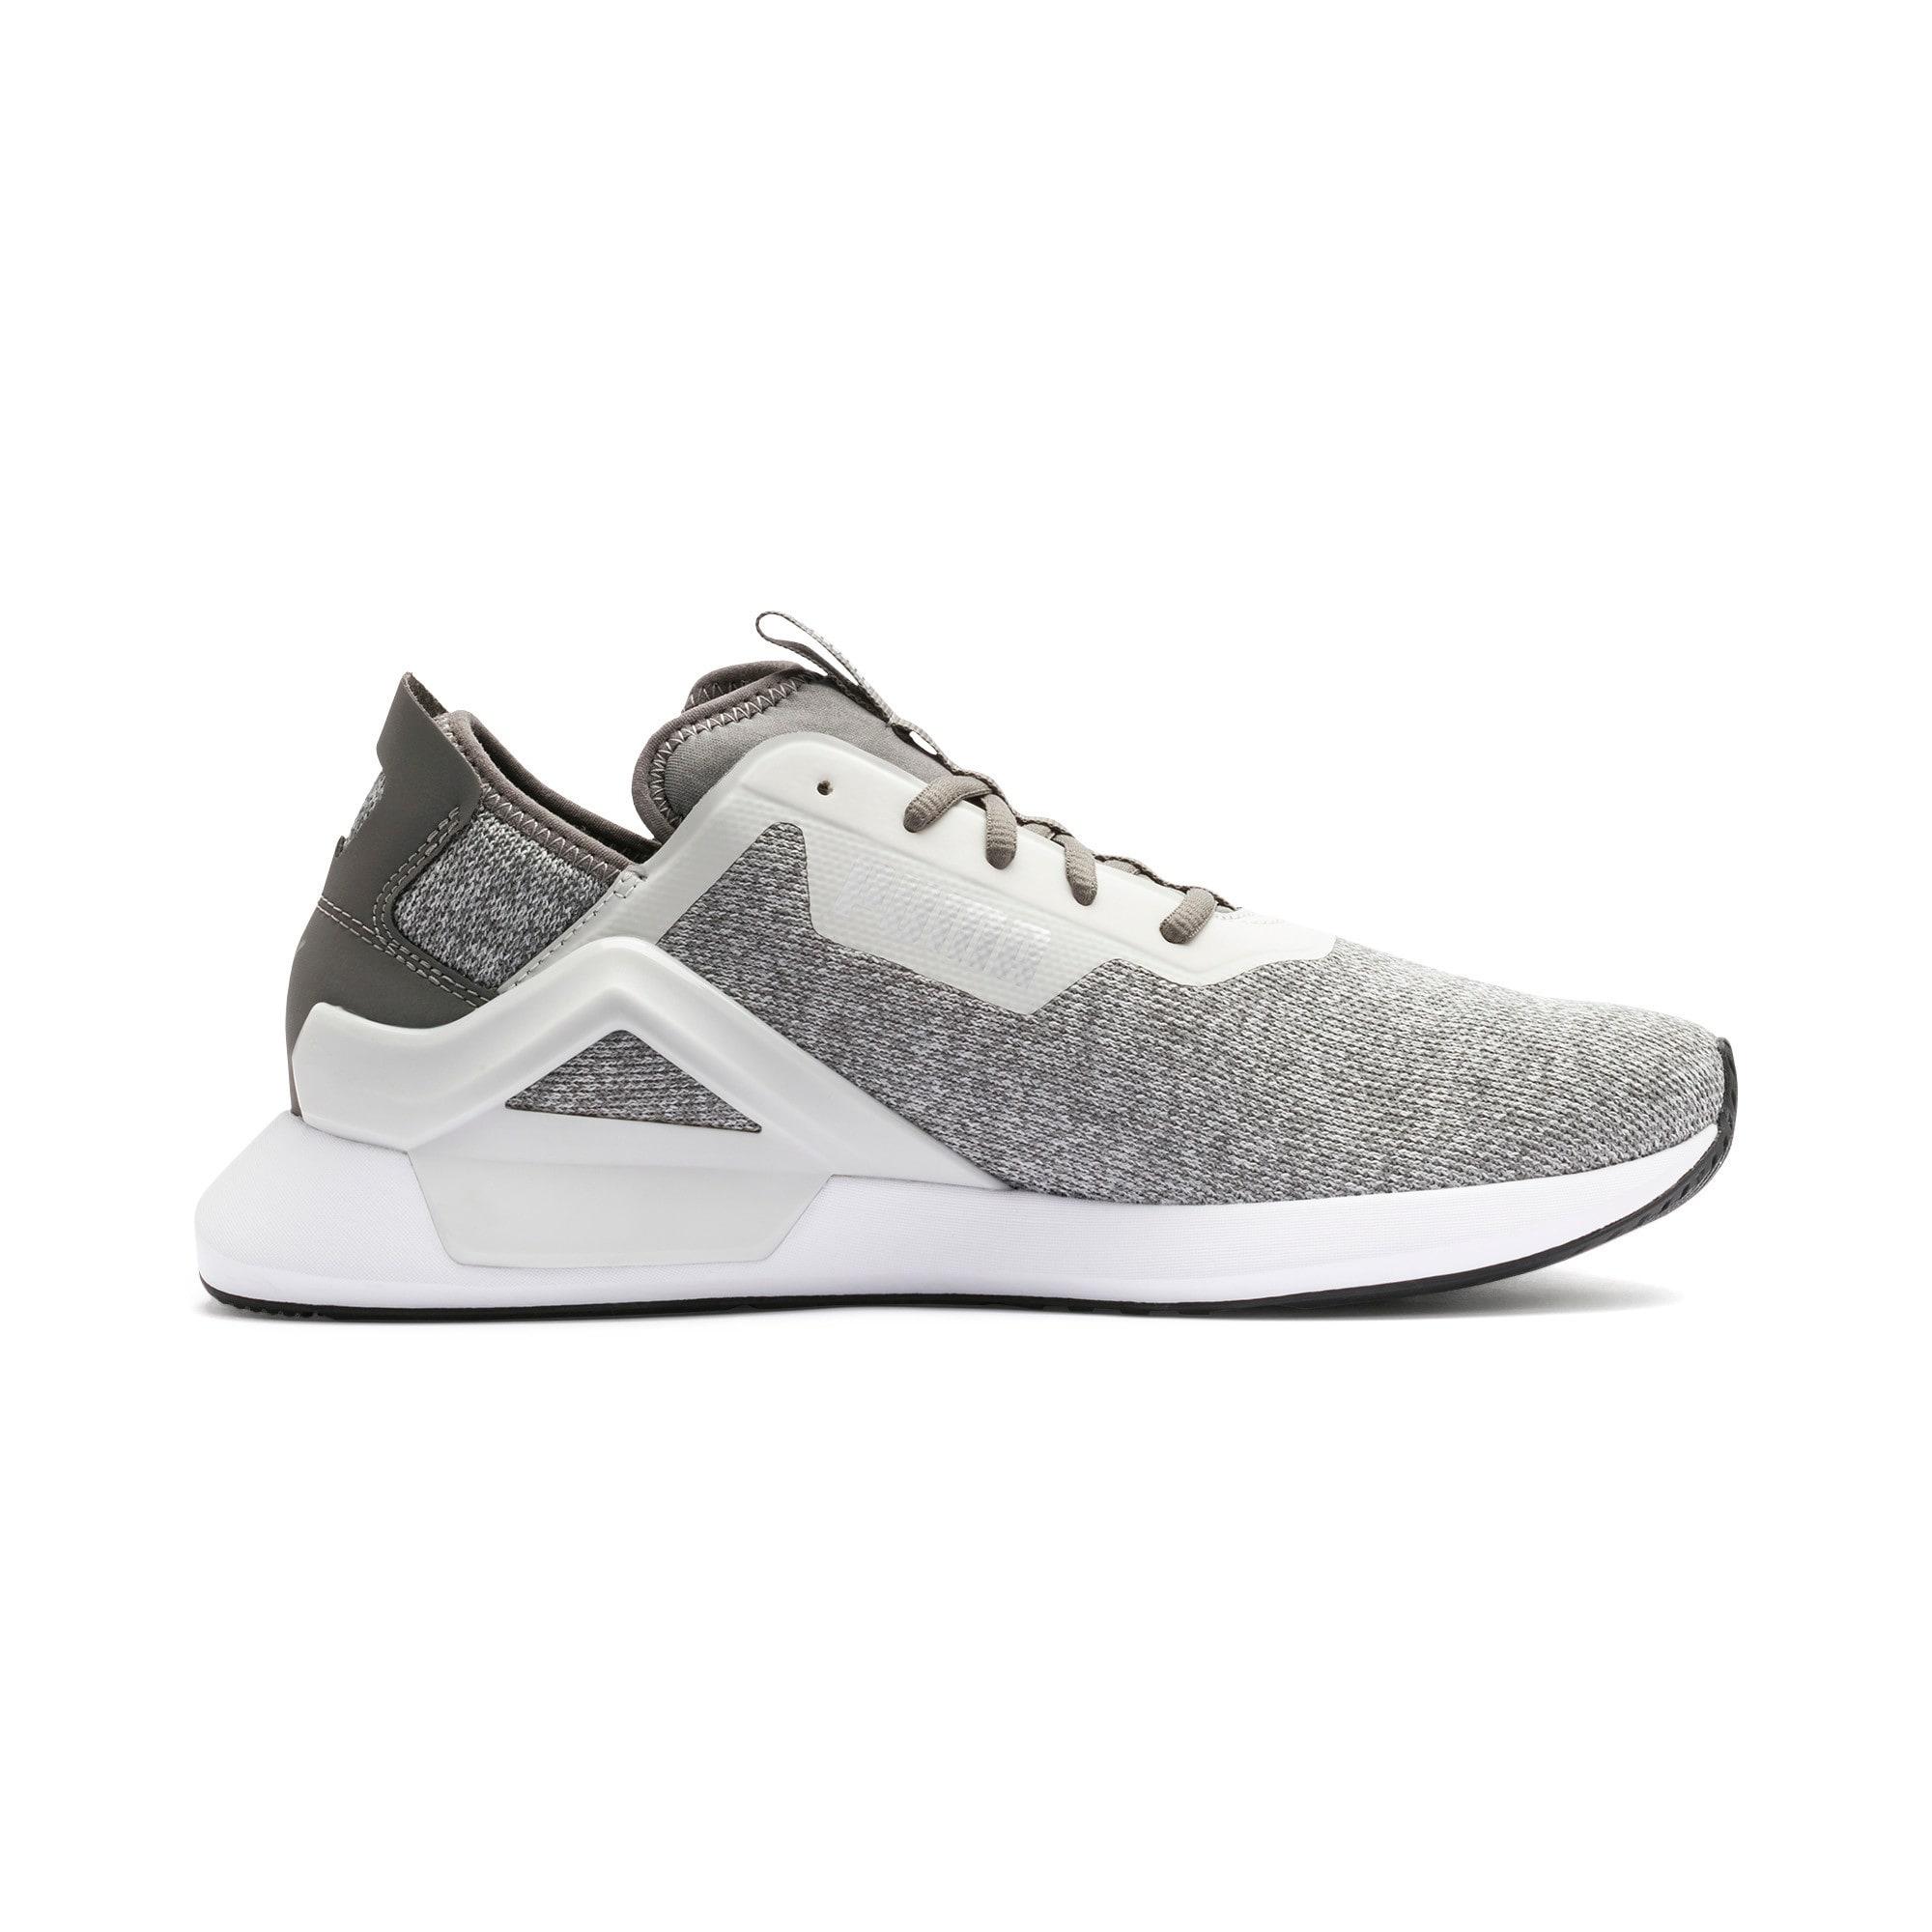 Miniatura 6 de Zapatos de entrenamiento Rogue X Knit para hombre, CASTLEROCK-Glacier Gray, mediano